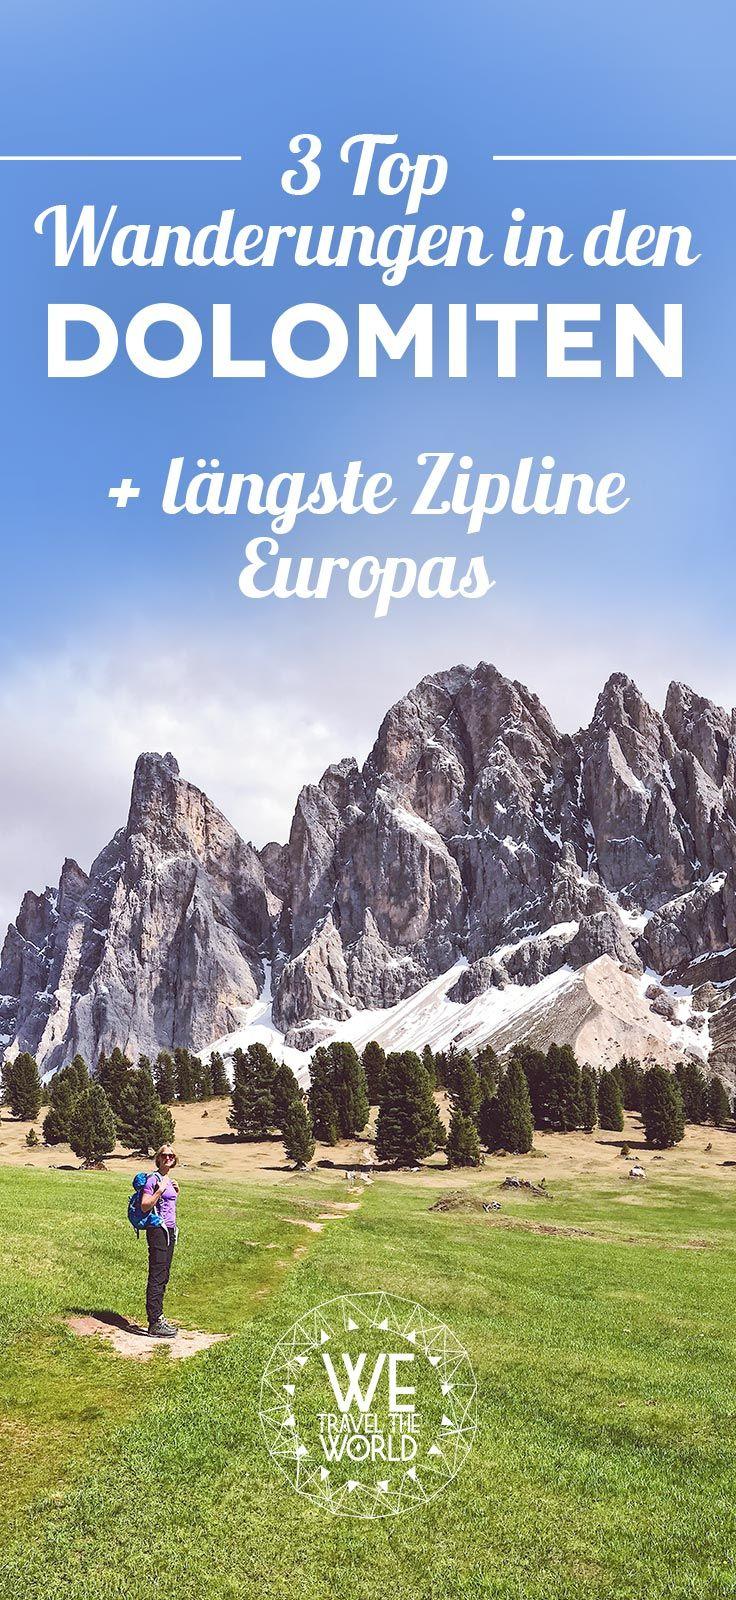 Unsere 3 Top Wanderungen rund um die Geislerspitzen in den Dolomiten, Südtirol + Xtreme Ziplining!